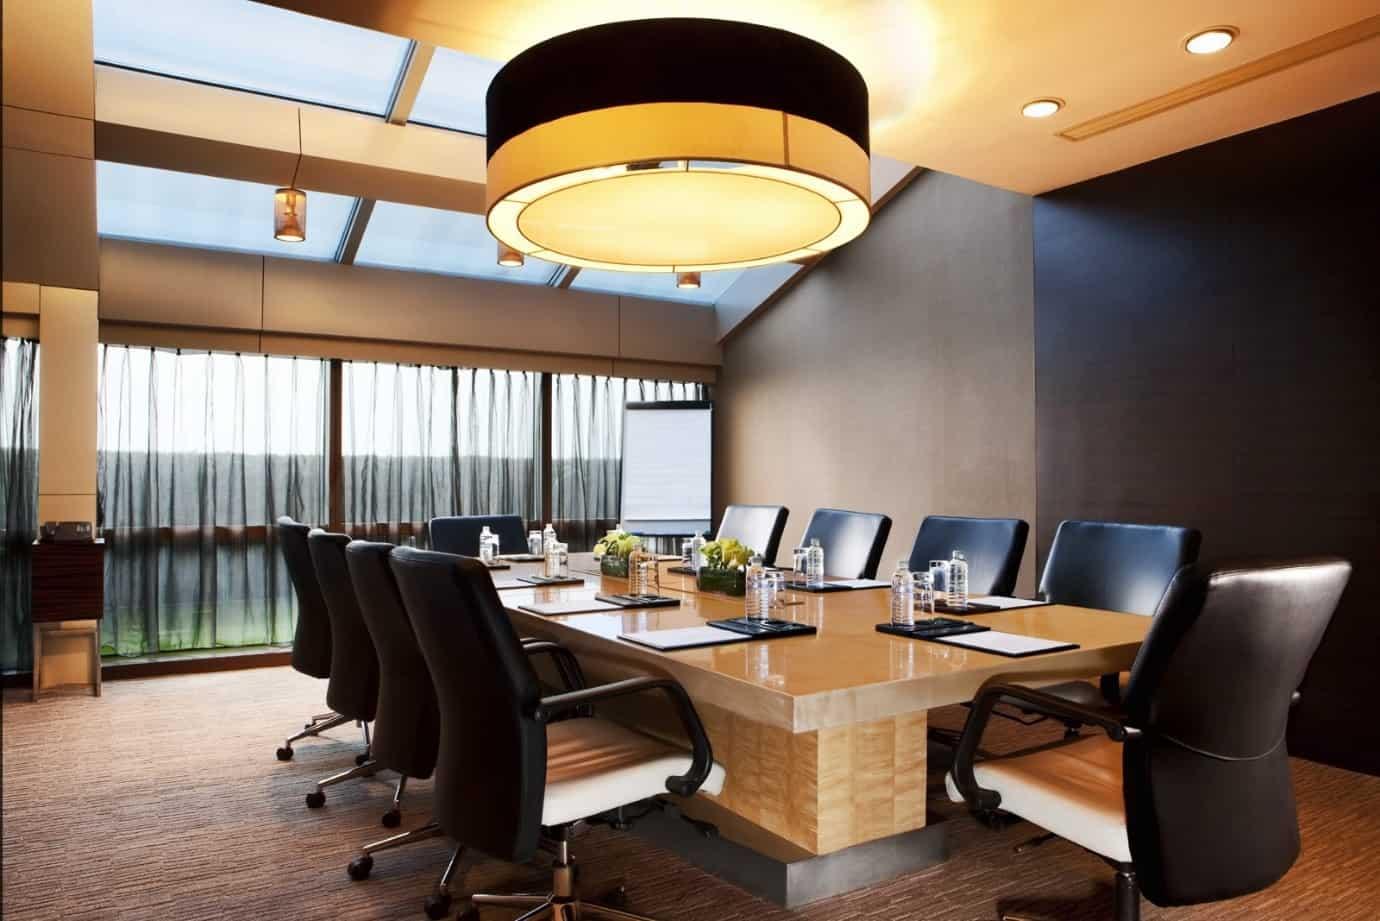 7 Nguyên tắc bố trí phòng họp bạn nên tham khảo